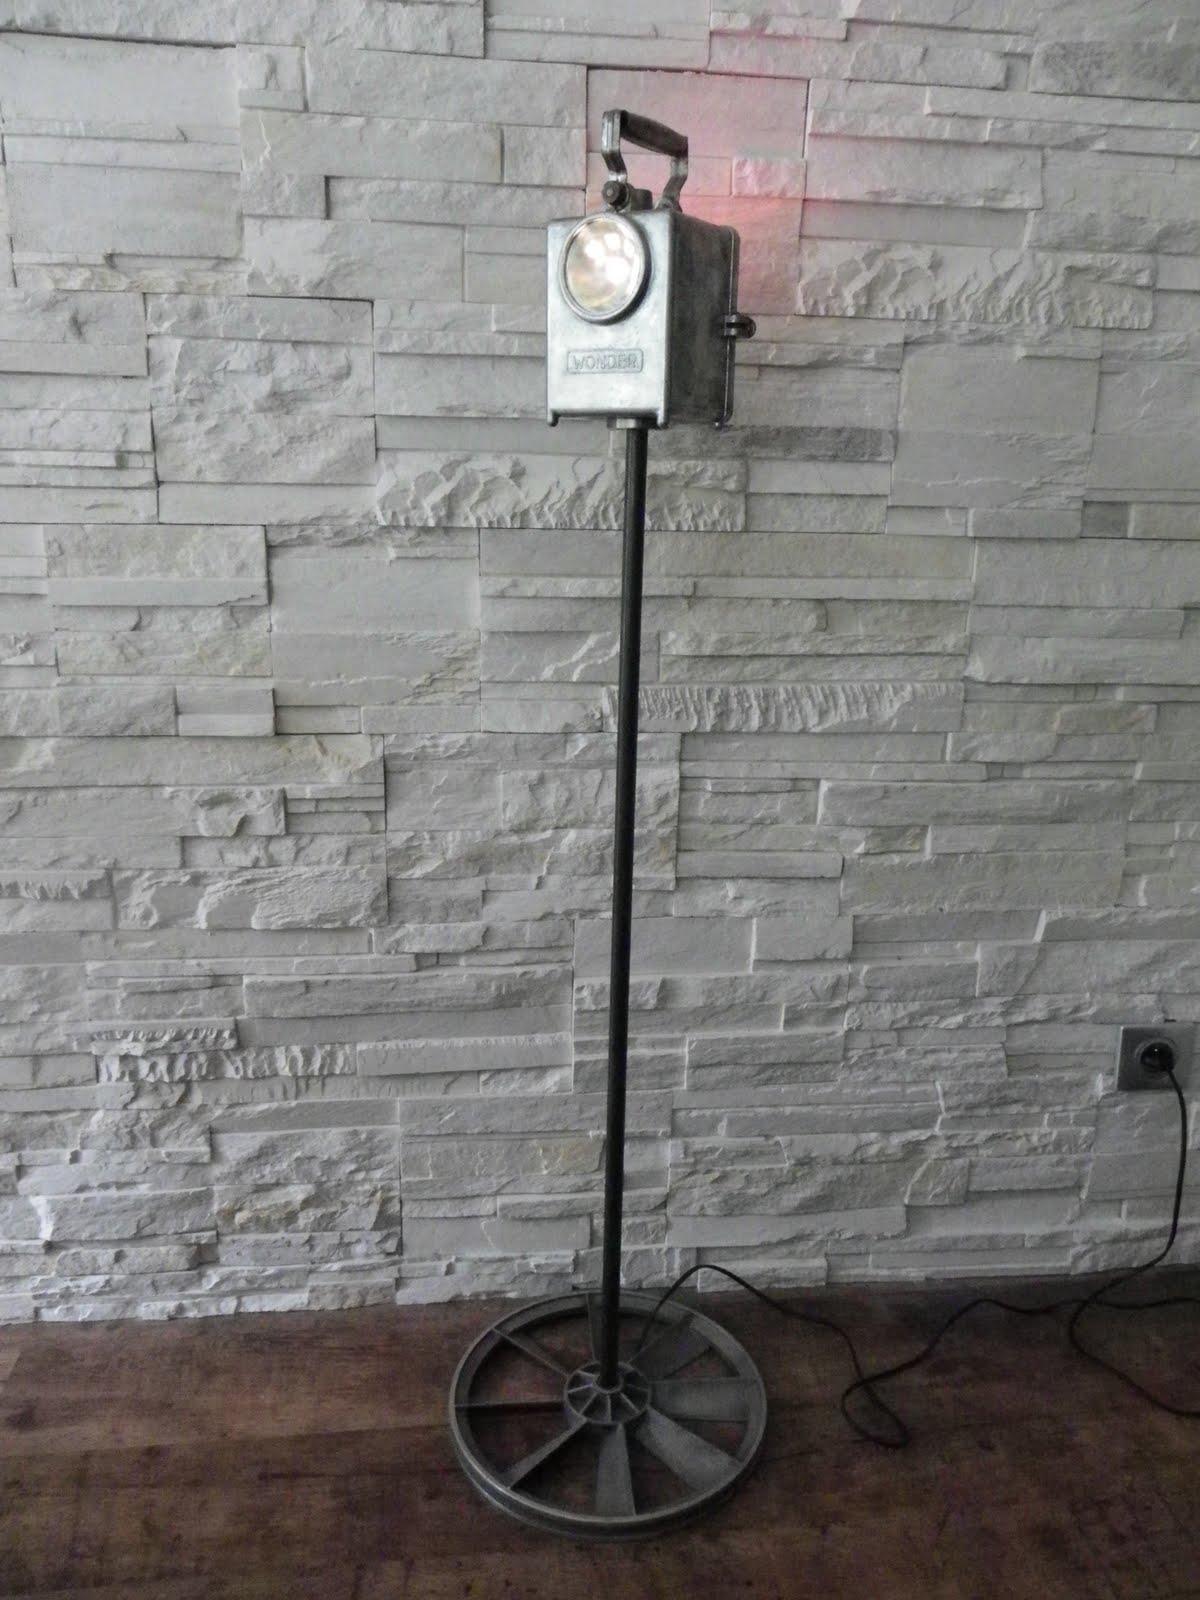 krealamp lampe sur pied wonder. Black Bedroom Furniture Sets. Home Design Ideas